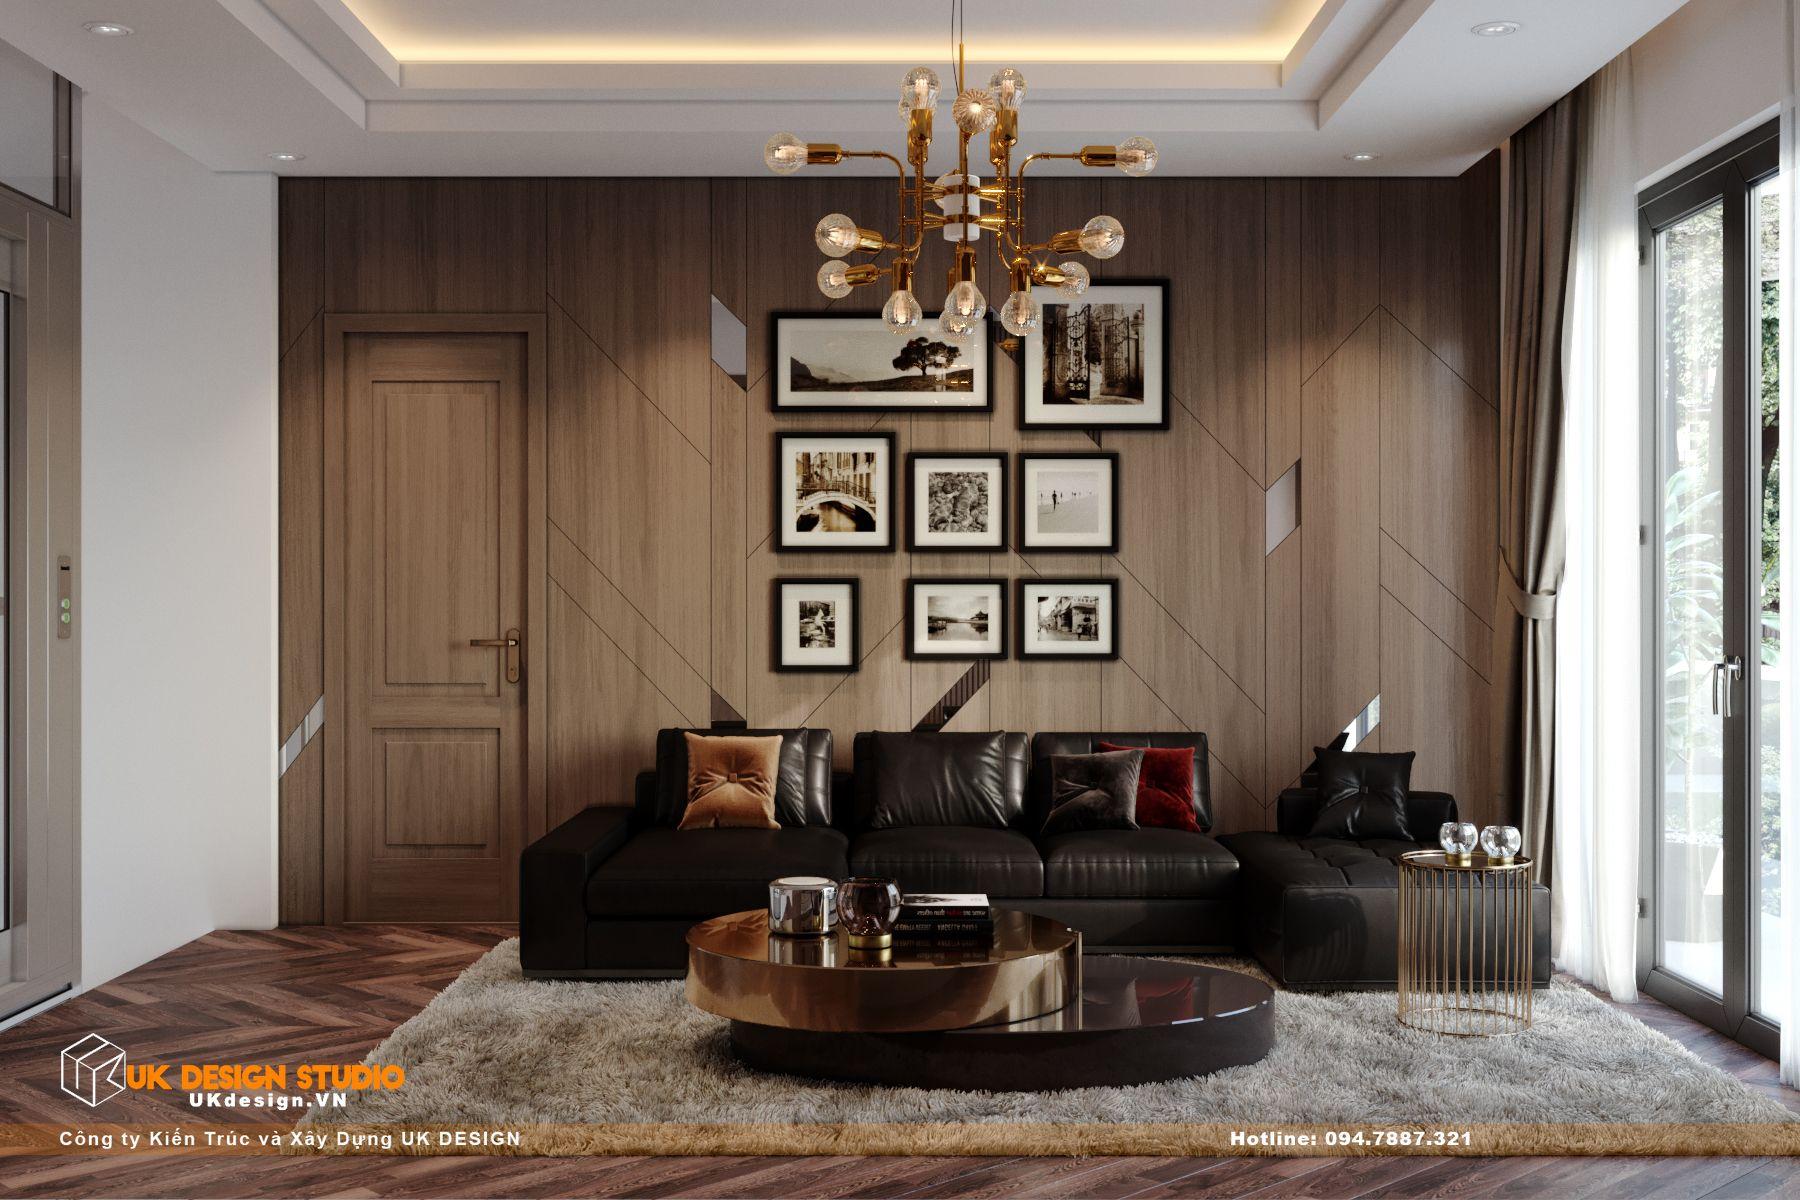 Thiết kế nội thất biệt thự nhà đẹp 3 tầng ở Quận 8 - Phòng sinh hoạt chung 13